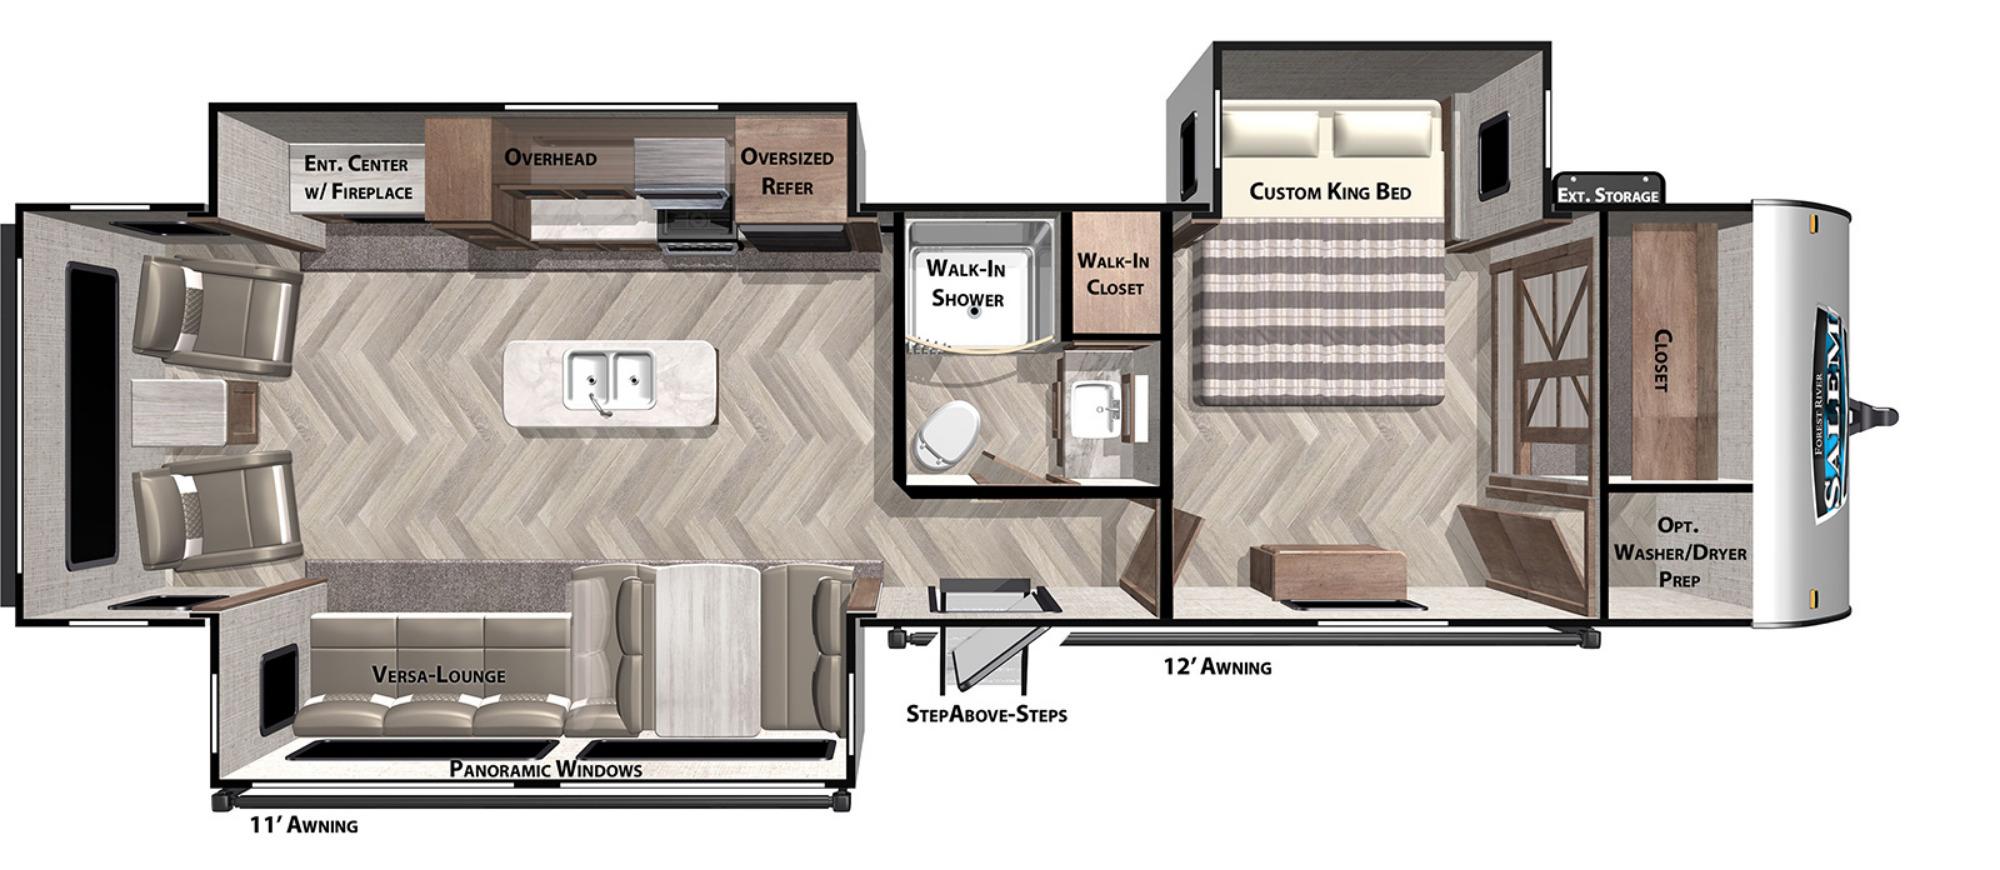 View Floor Plan for 2021 FOREST RIVER SALEM 32RET